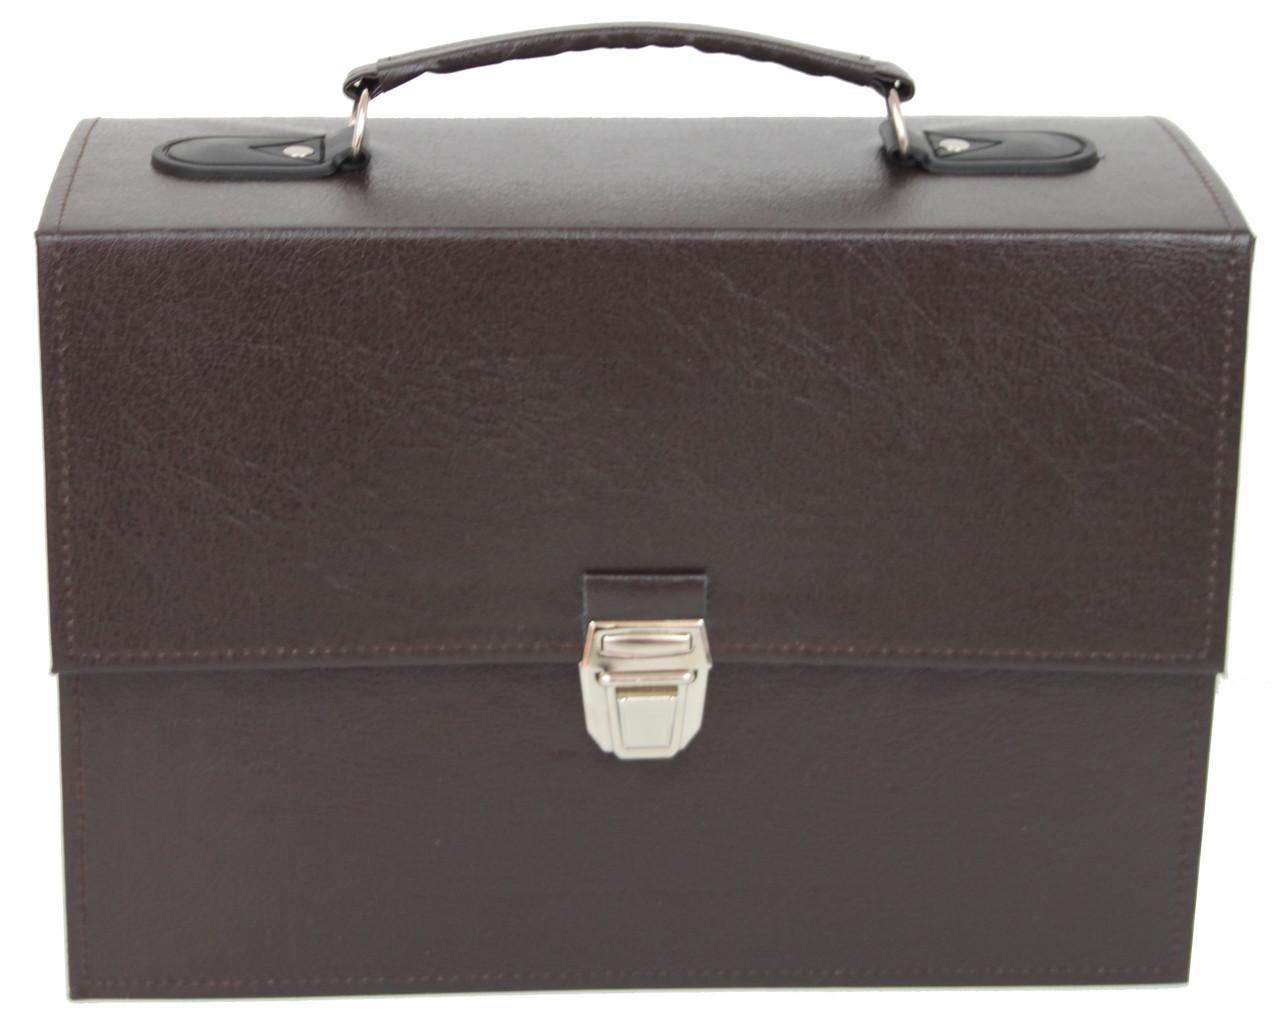 Складаний чоловічий портфель з шкірозамінника Argument ЅЅА485.23